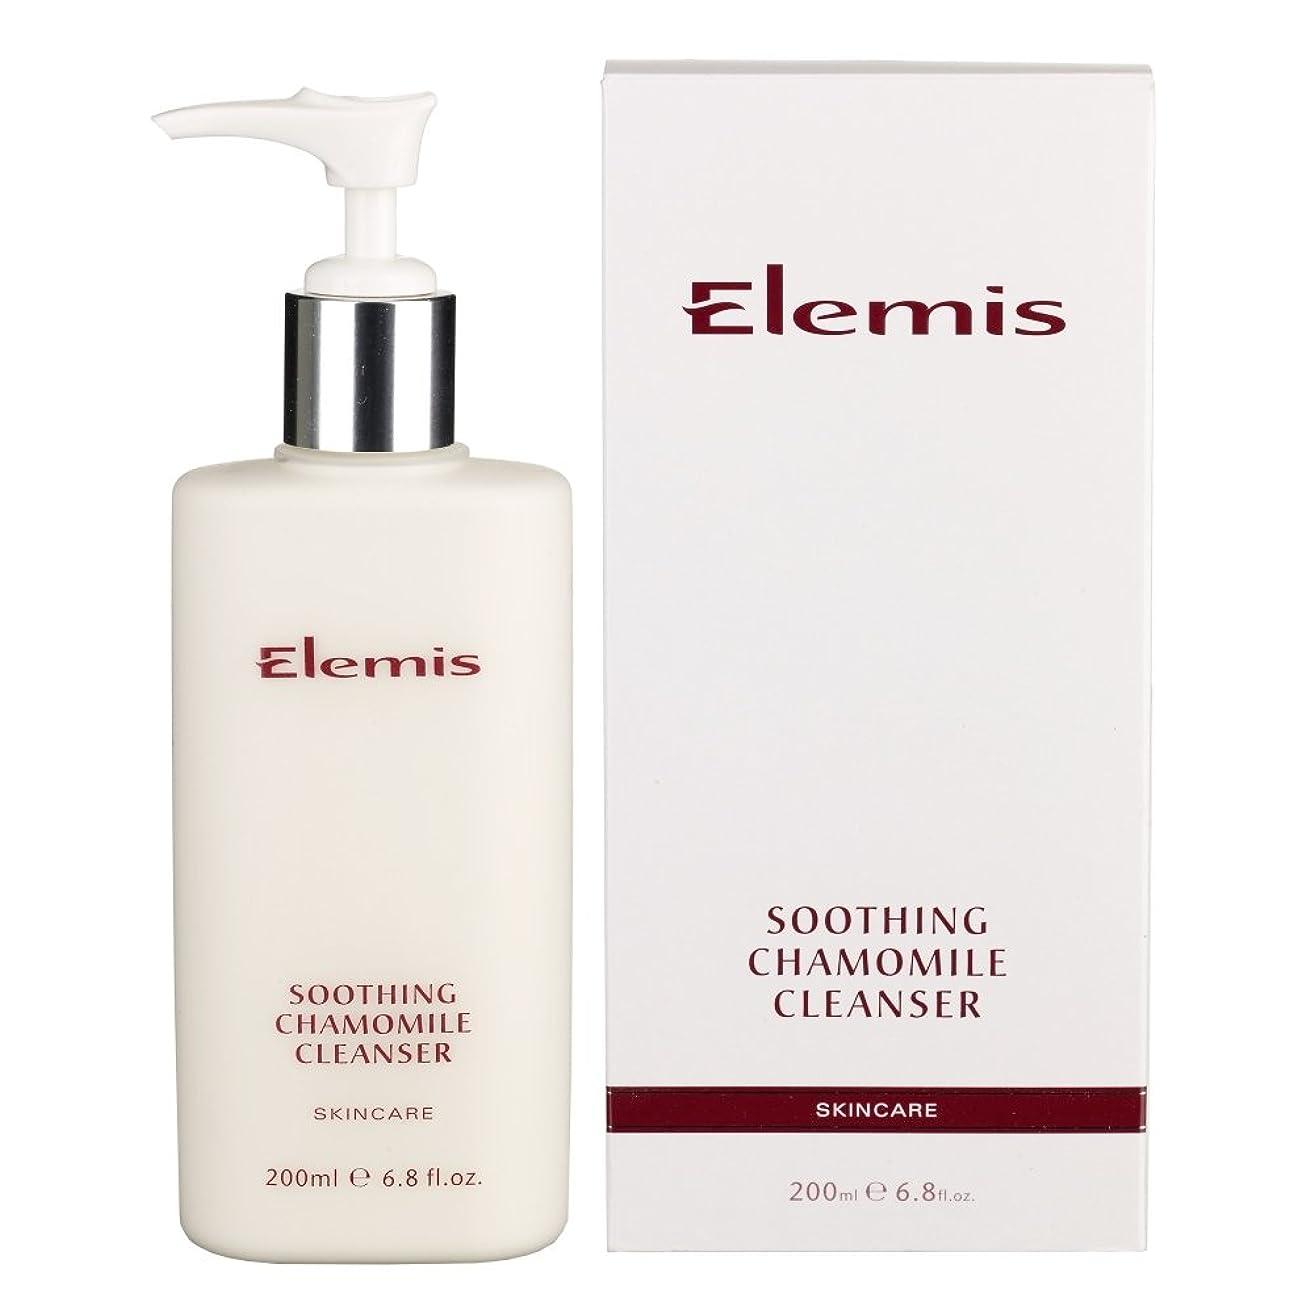 放散する受け入れる落ち着くエレミスはカモミールクレンザーをなだめるスキンケア (Elemis) (x2) - Elemis Skincare Soothing Chamomile Cleanser (Pack of 2) [並行輸入品]